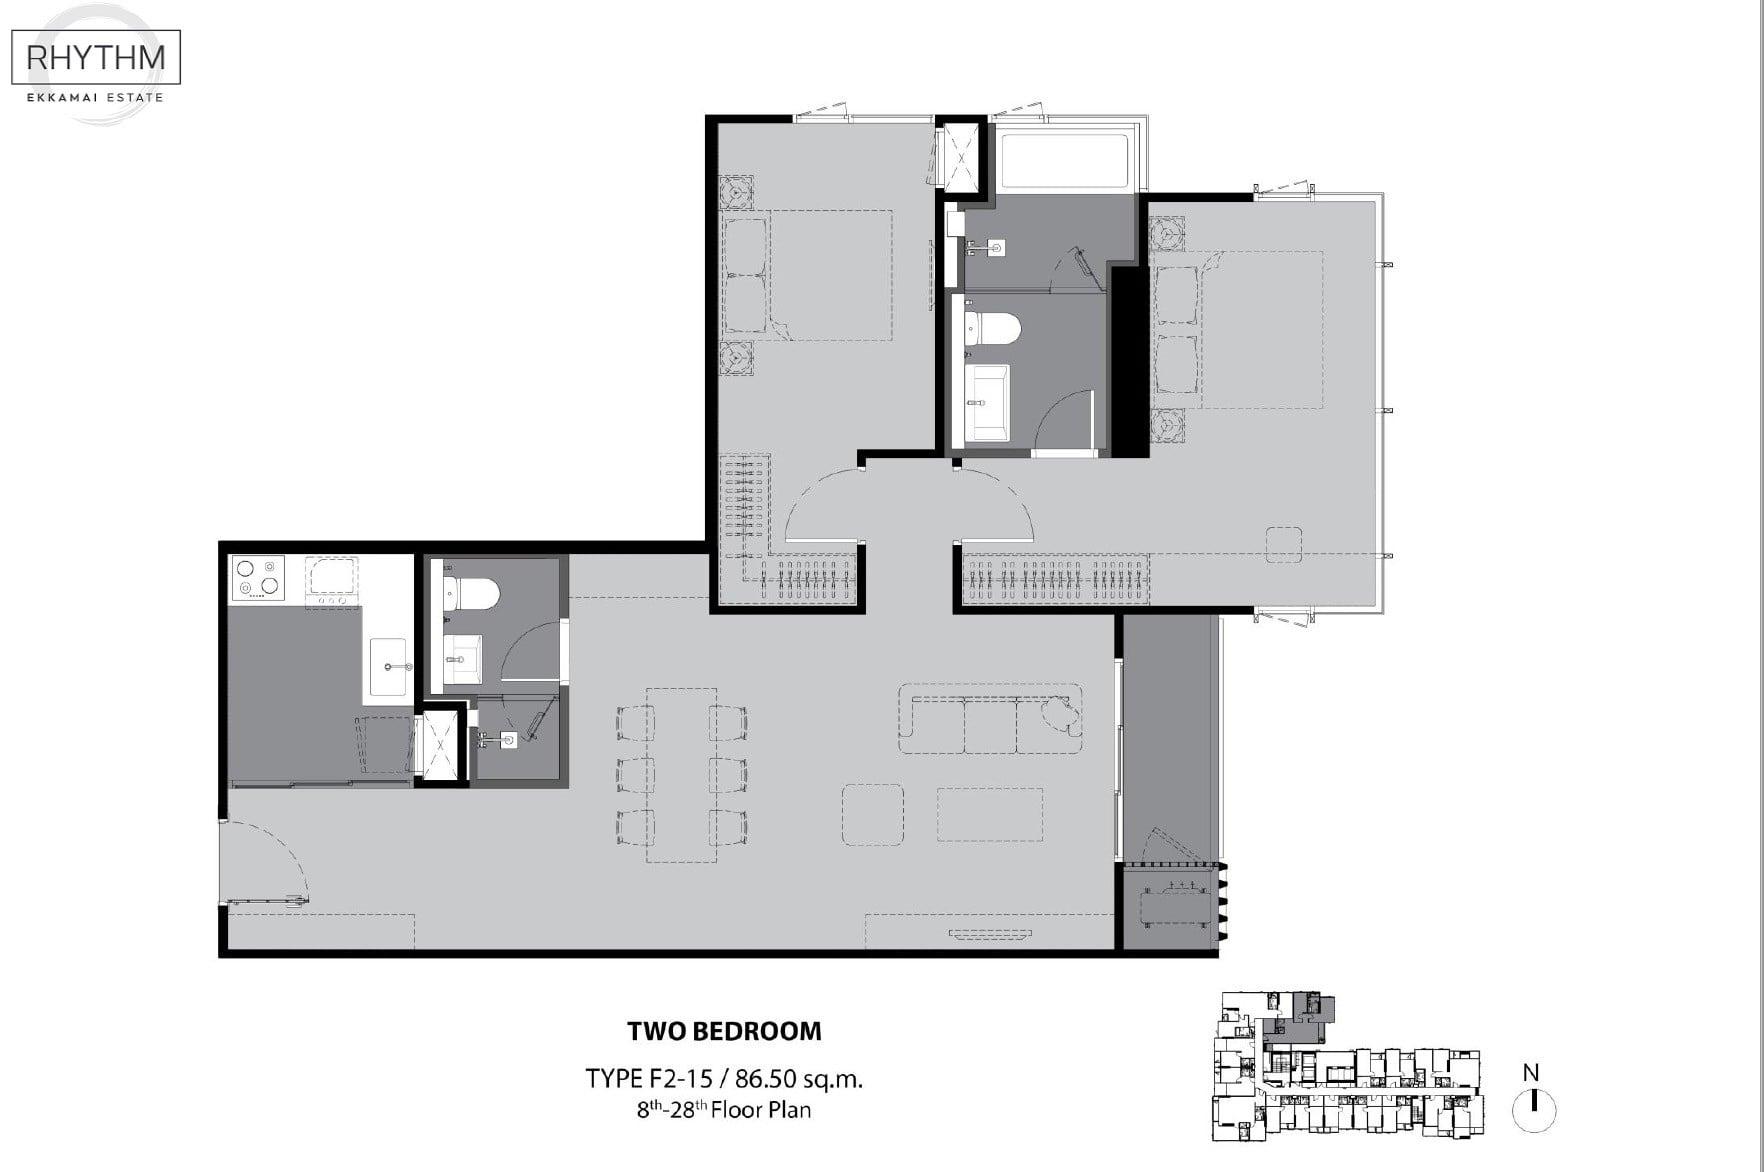 Rhythm-Ekkamai-Estate-Floor Plan 2BR-86.5sqm